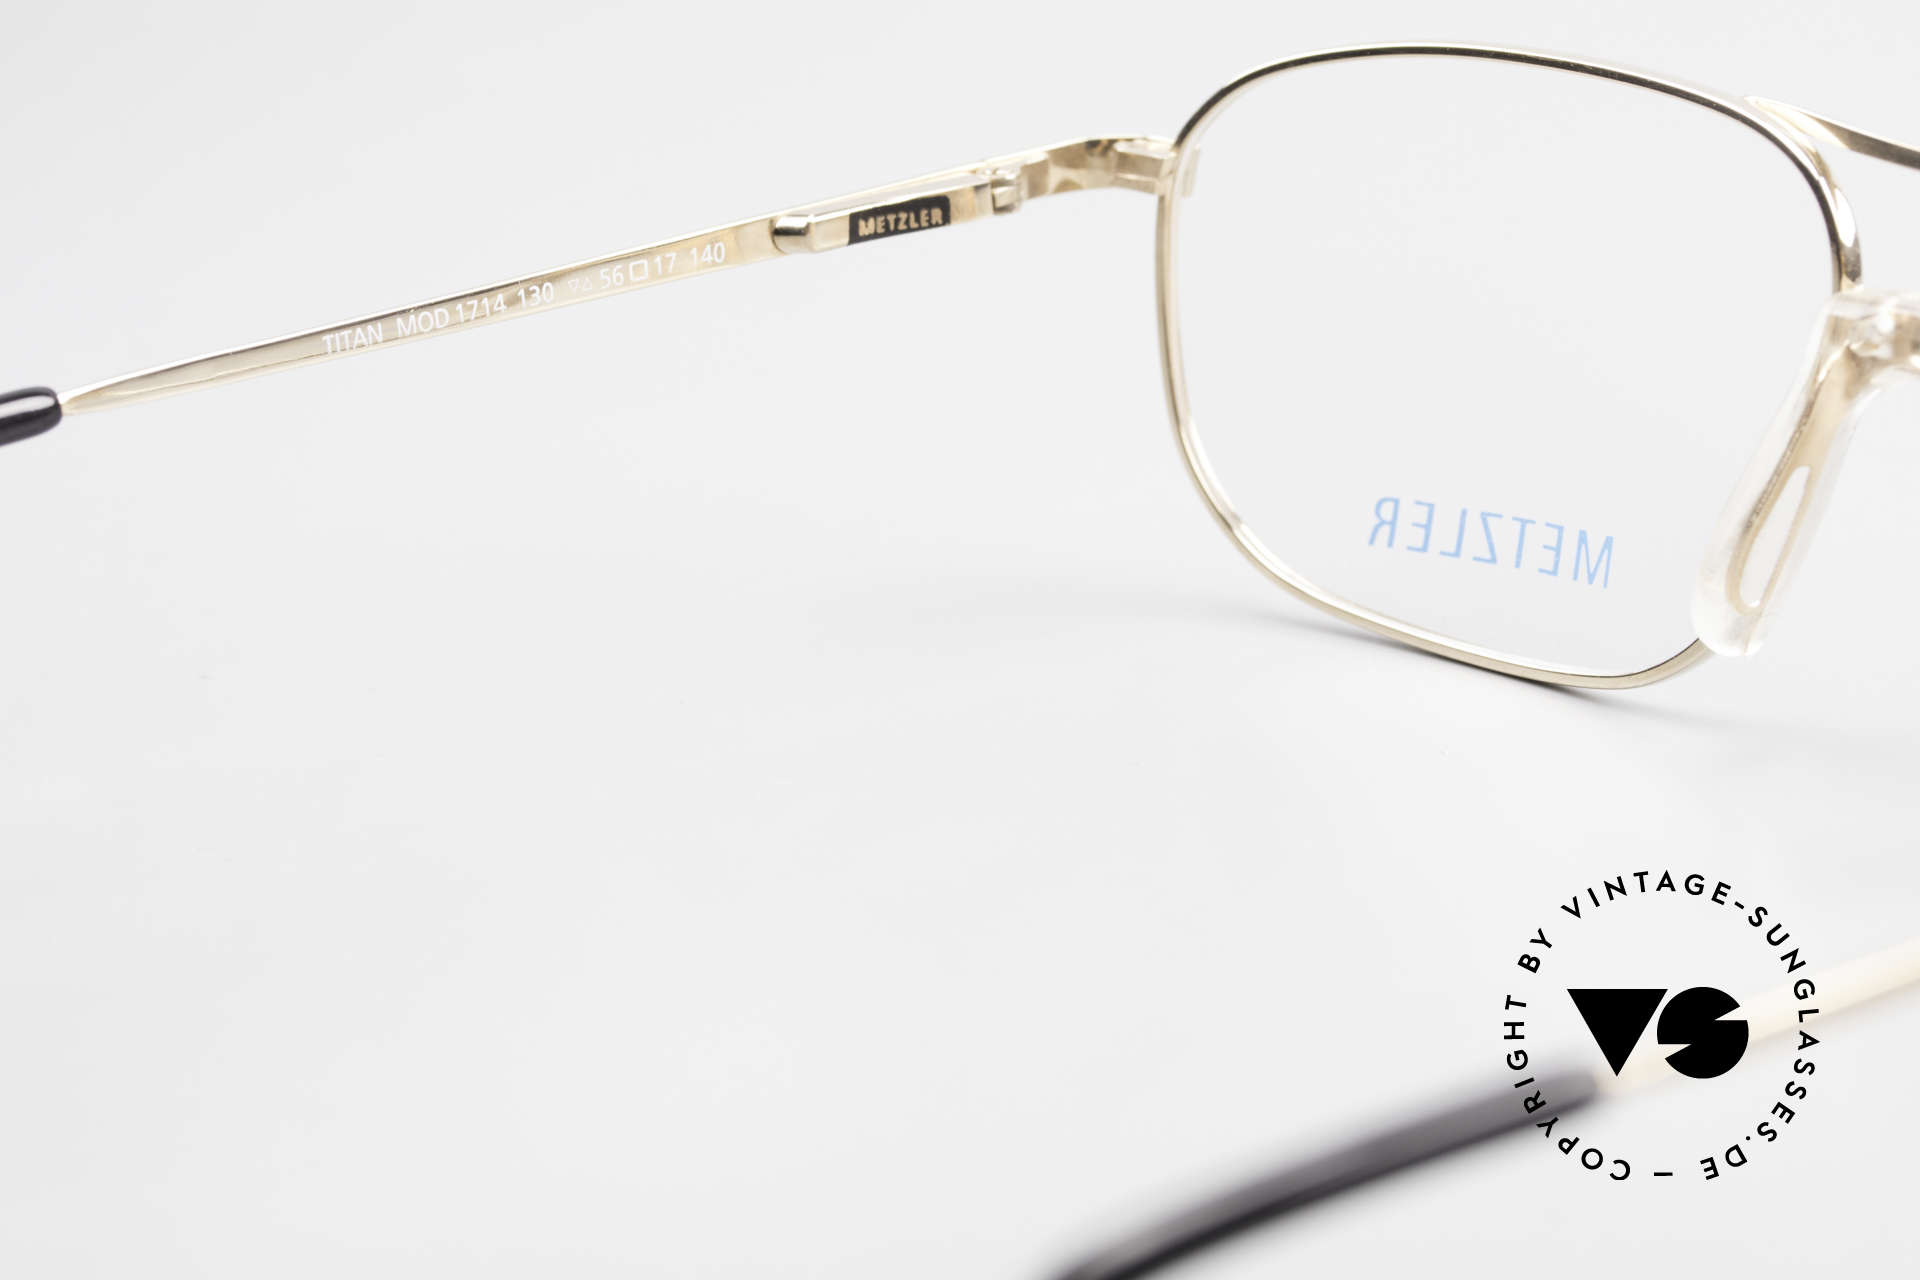 Metzler 1714 Klassische Herrenbrille Titan, Fassung ist beliebig verglasbar (optisch / Sonne), Passend für Herren